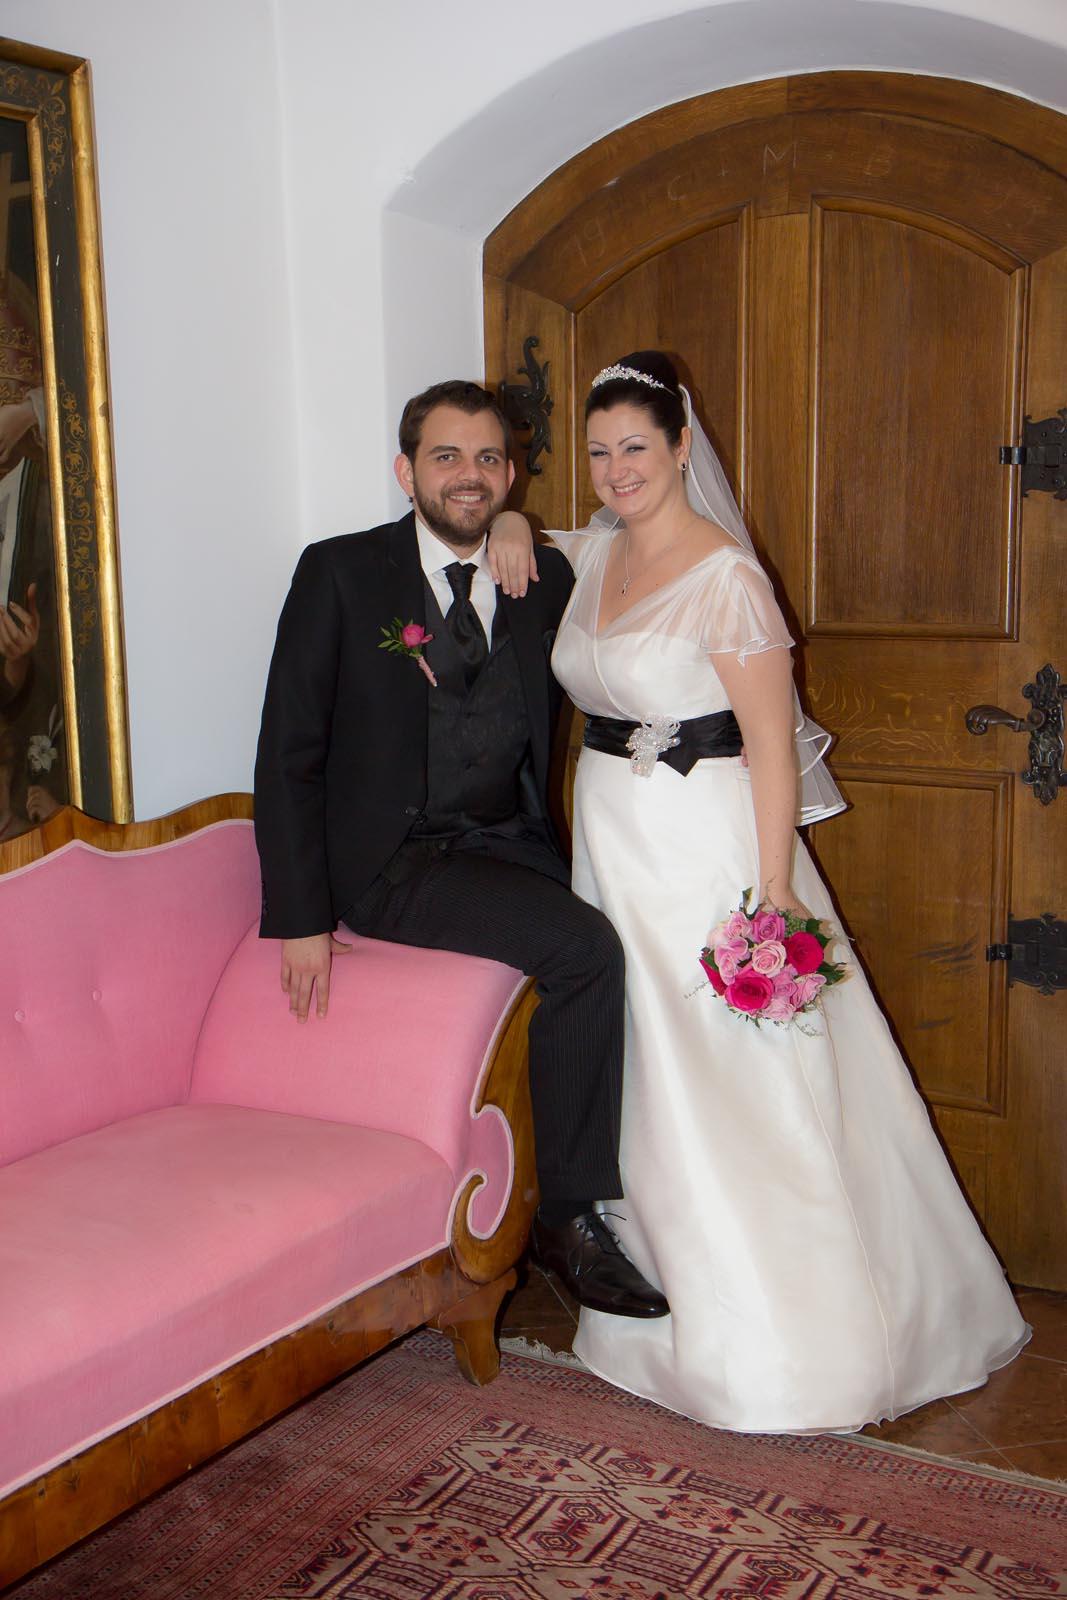 Hochzeit-Portrait-Weber-Hochzeit-Weber-3304.jpg